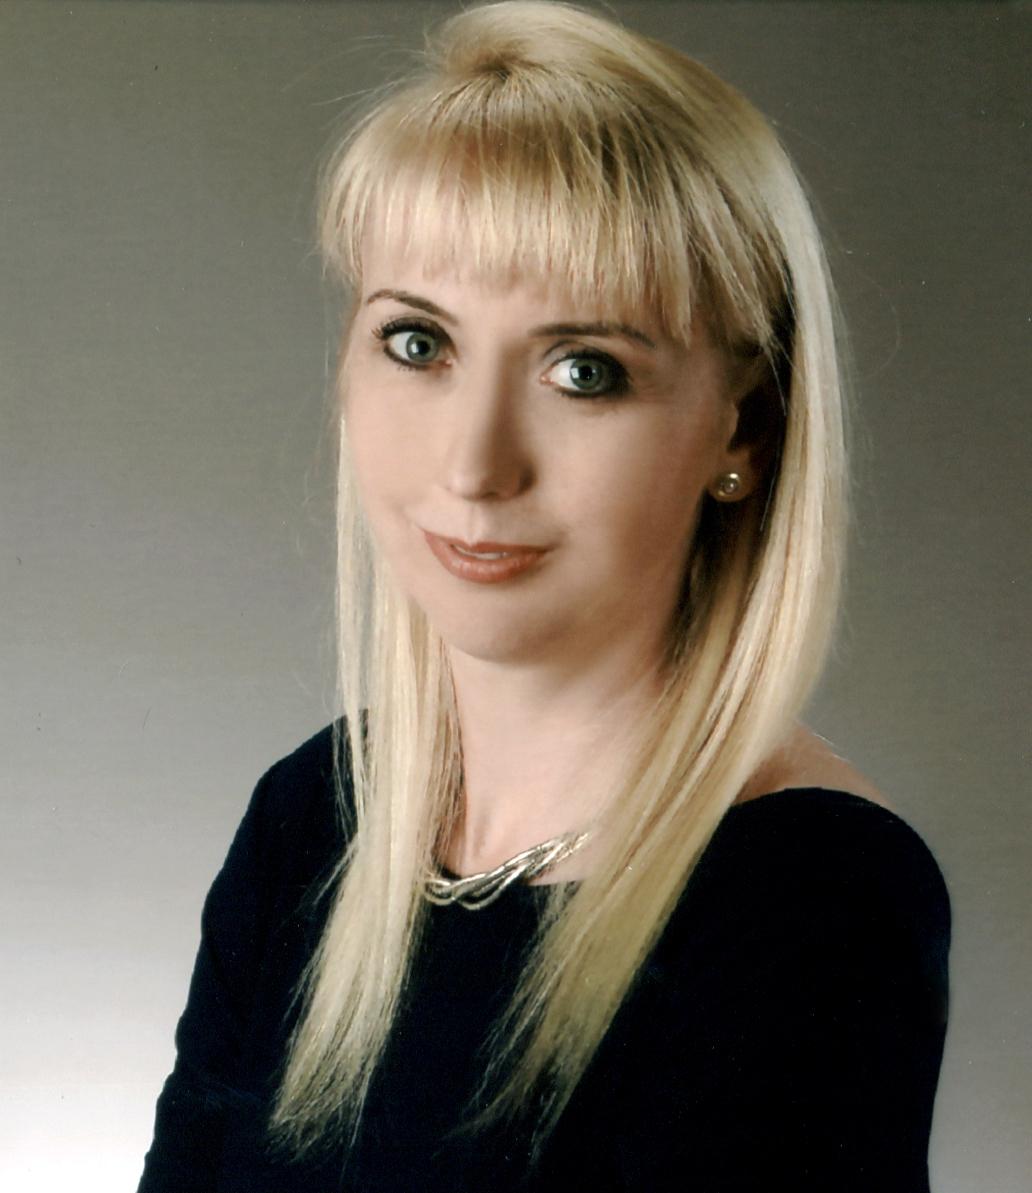 Kierownik dr hab. Joanna Marszałek-Kawa, prof. UMK